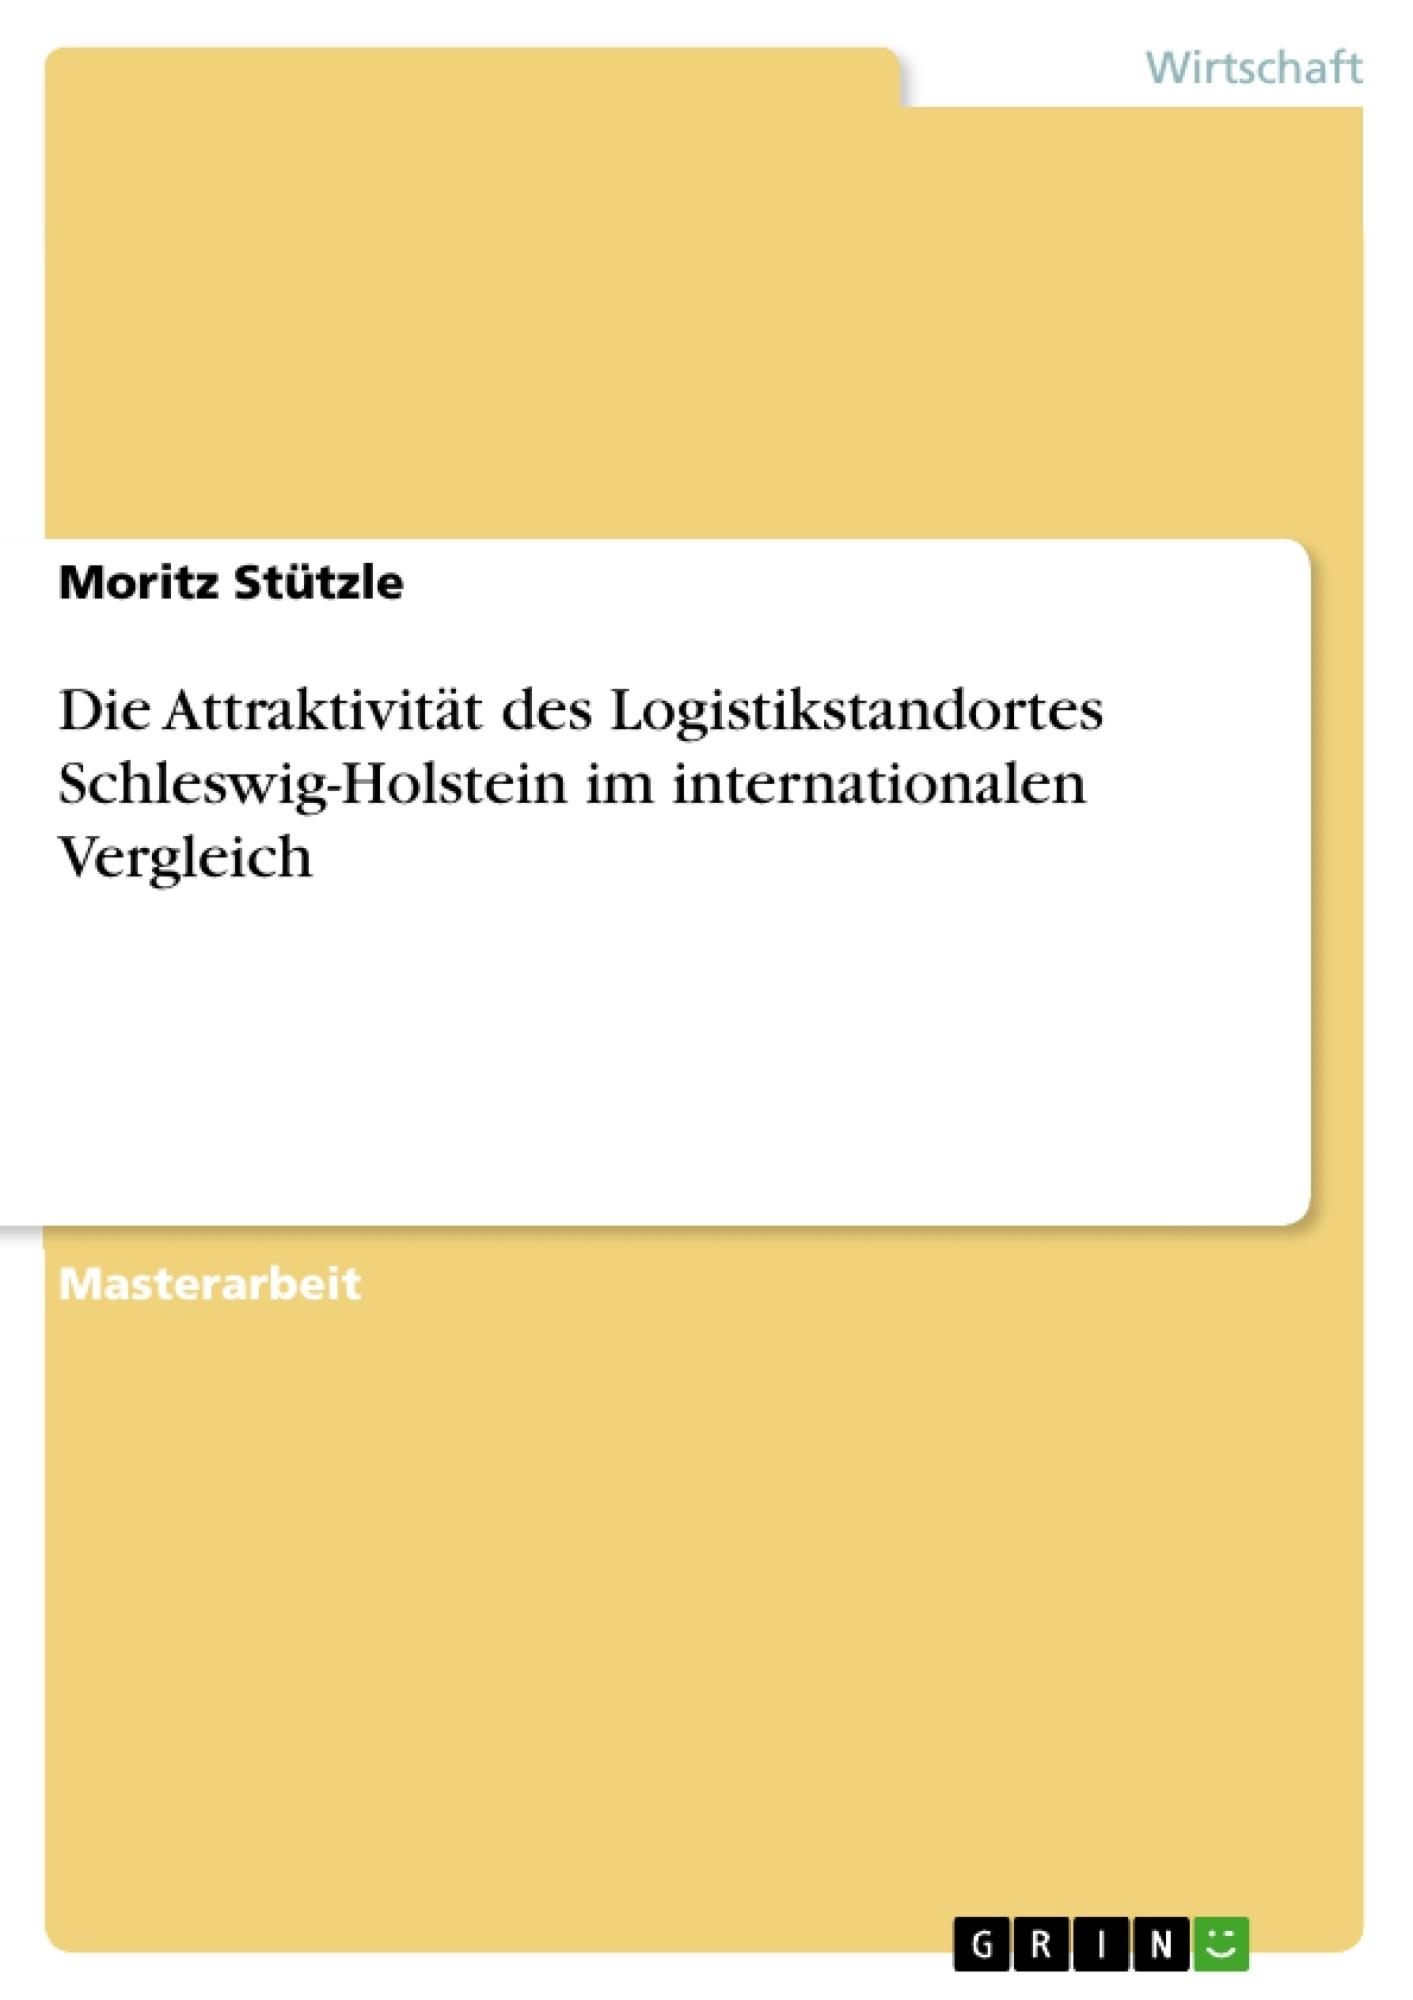 Titel: Die Attraktivität des Logistikstandortes Schleswig-Holstein im internationalen Vergleich